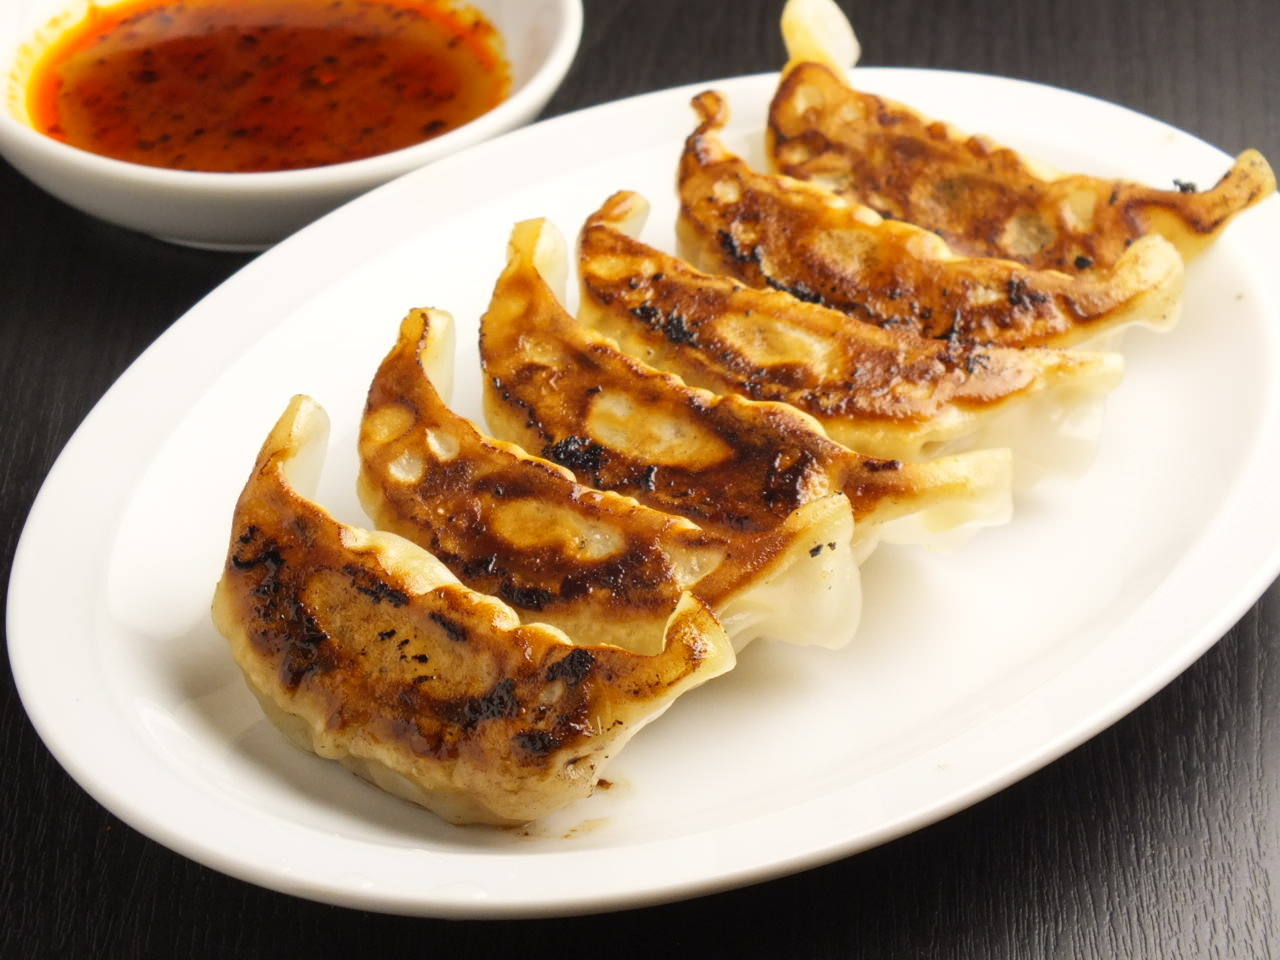 """餃子を作るなら""""皮""""も手作り!美味しい餃子の作り方を紹介します♪のサムネイル画像"""